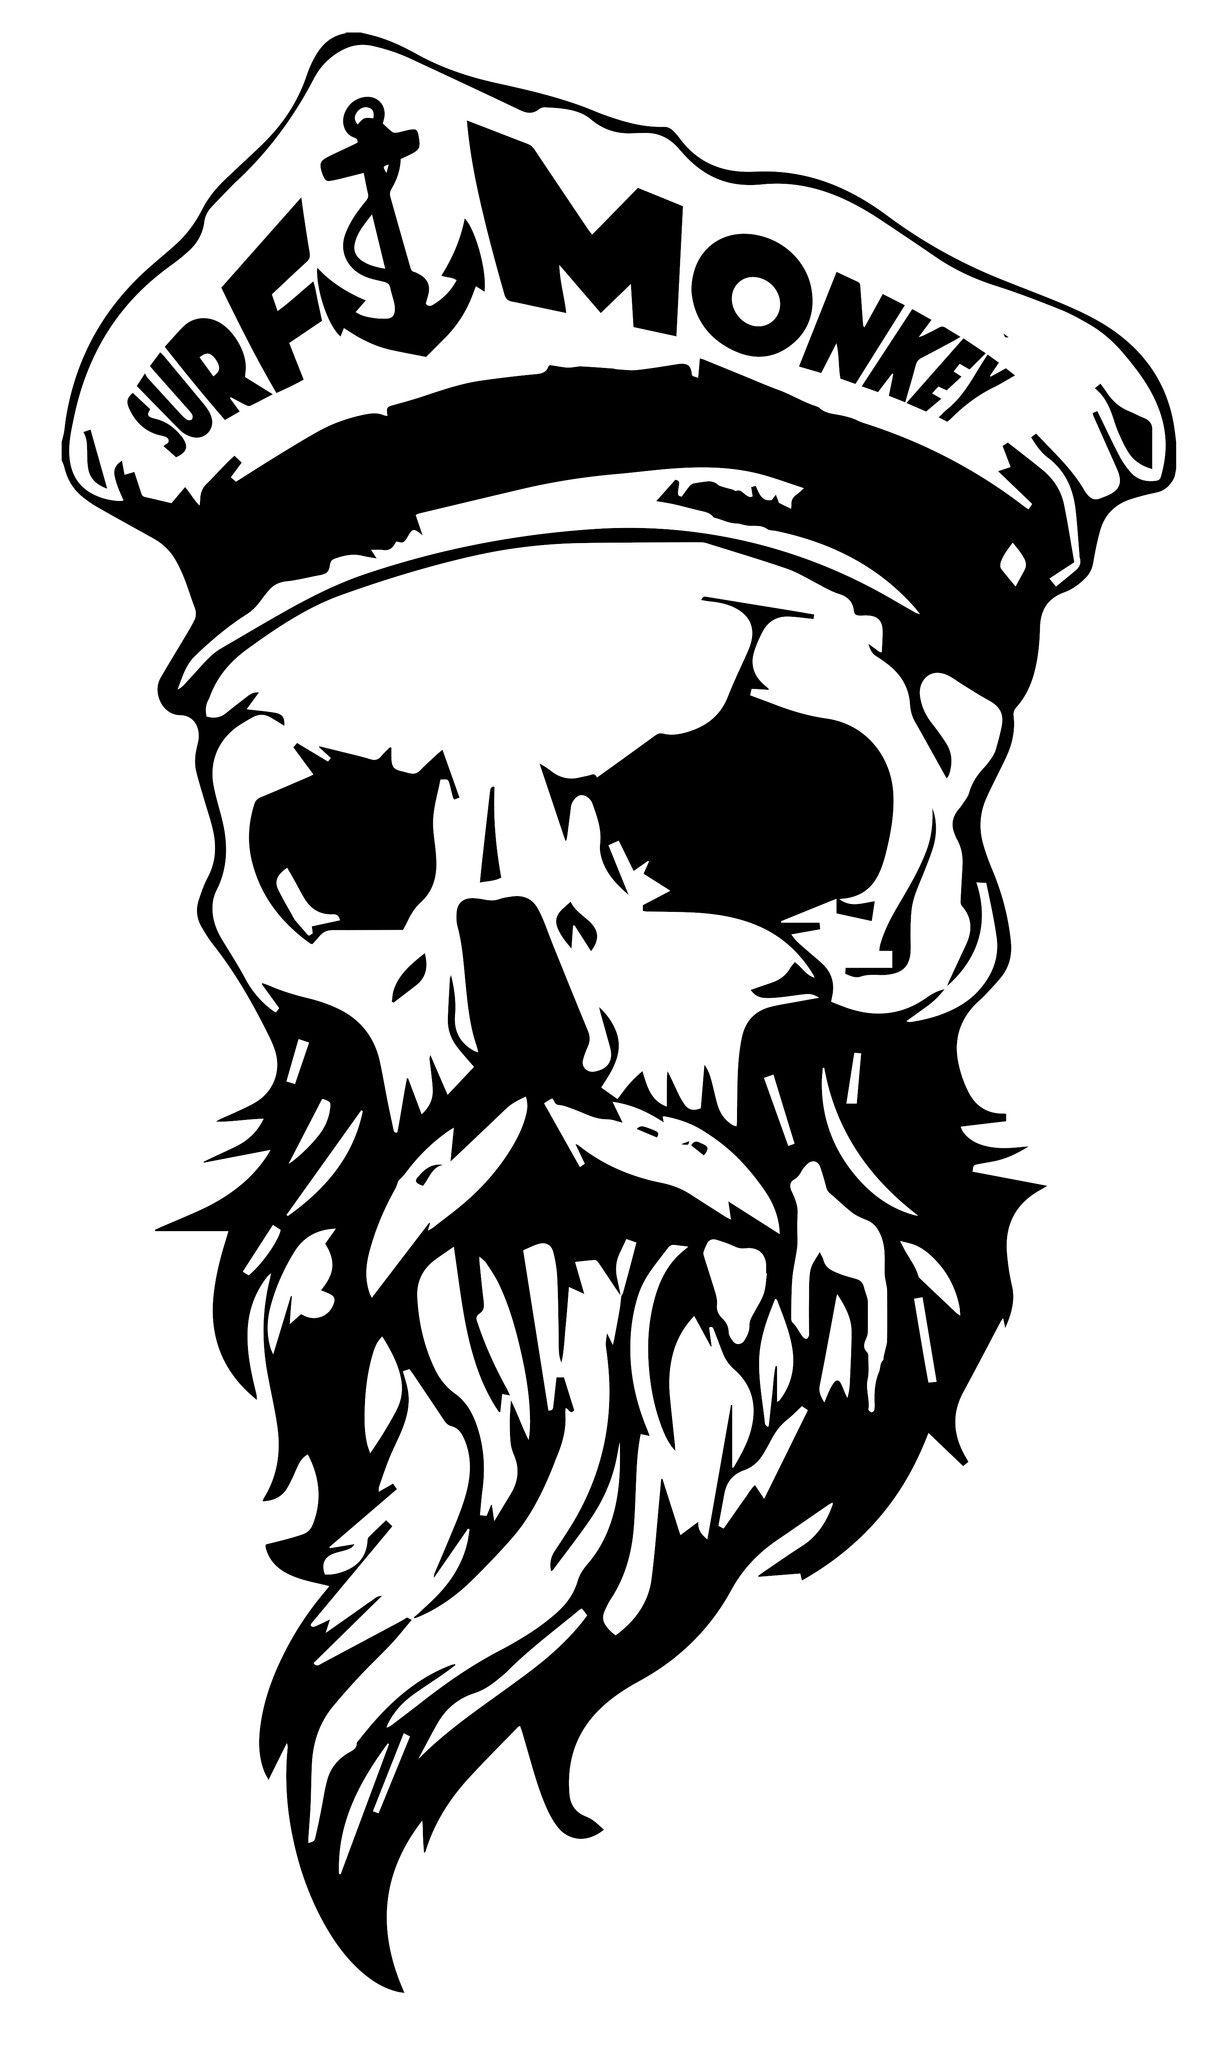 Bike doom sticker design - Bearded Skull Decal Sticker Surfmonkey